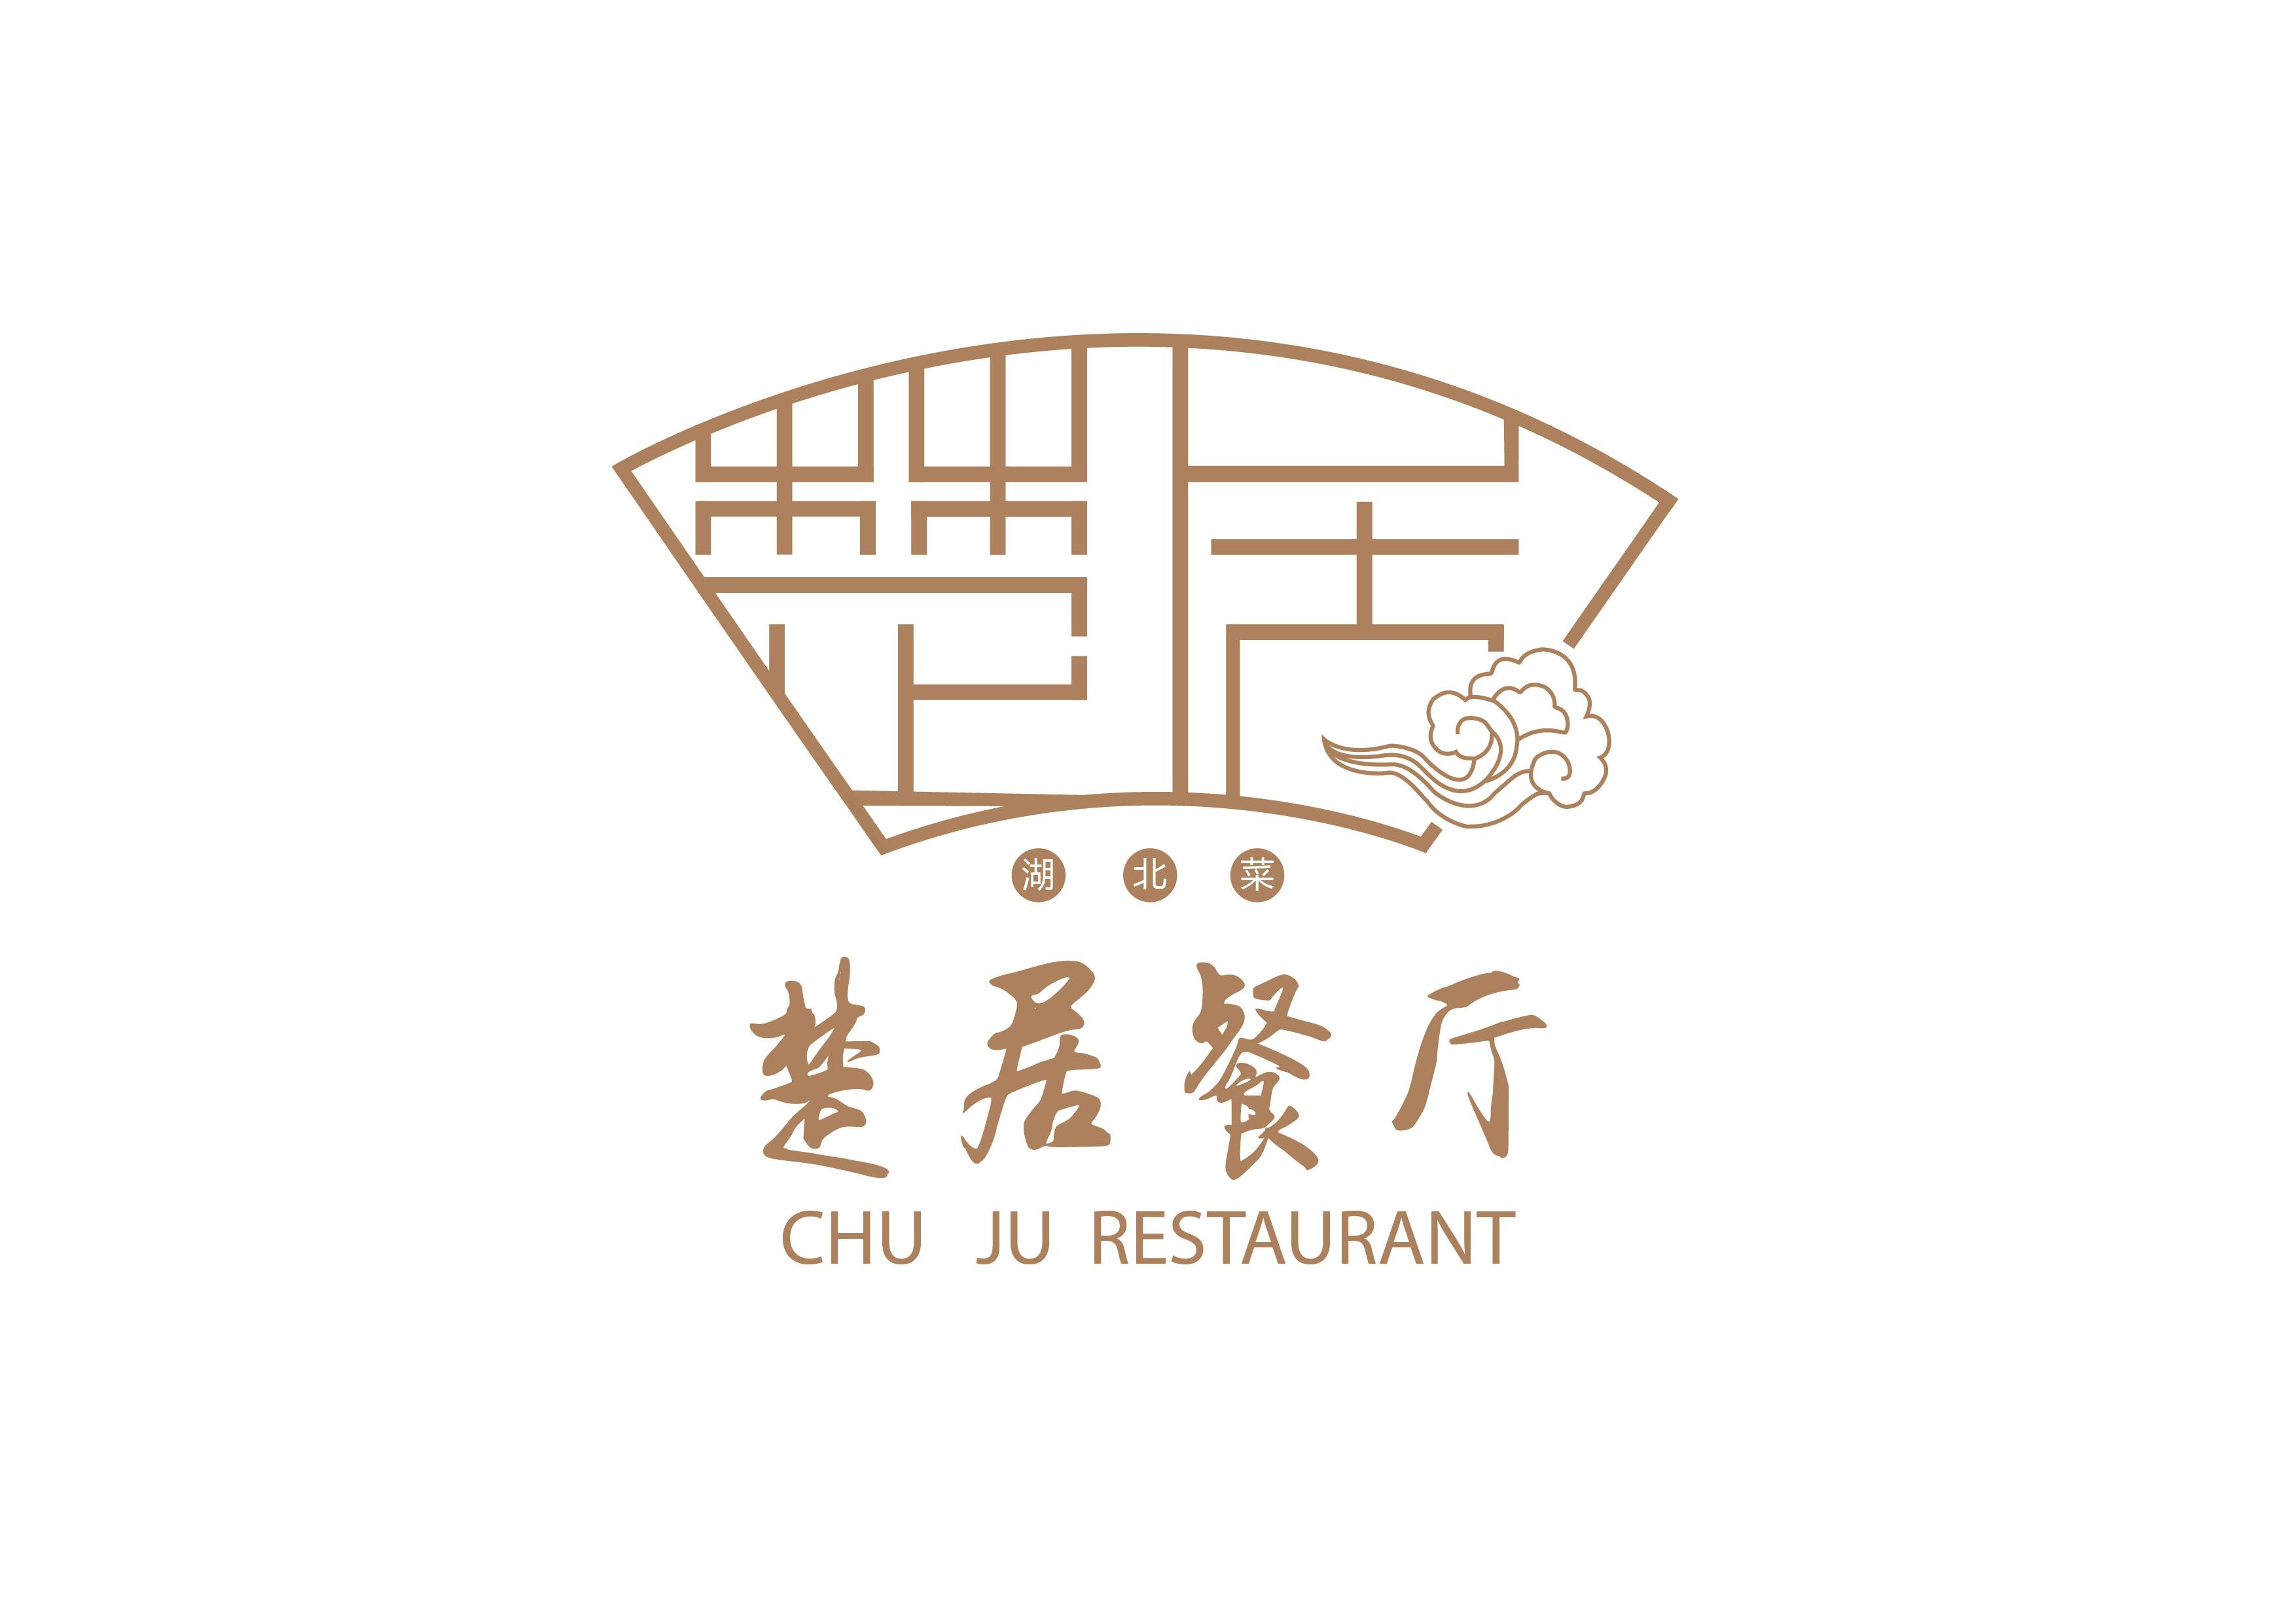 餐厅标志图案设计 图片合集图片